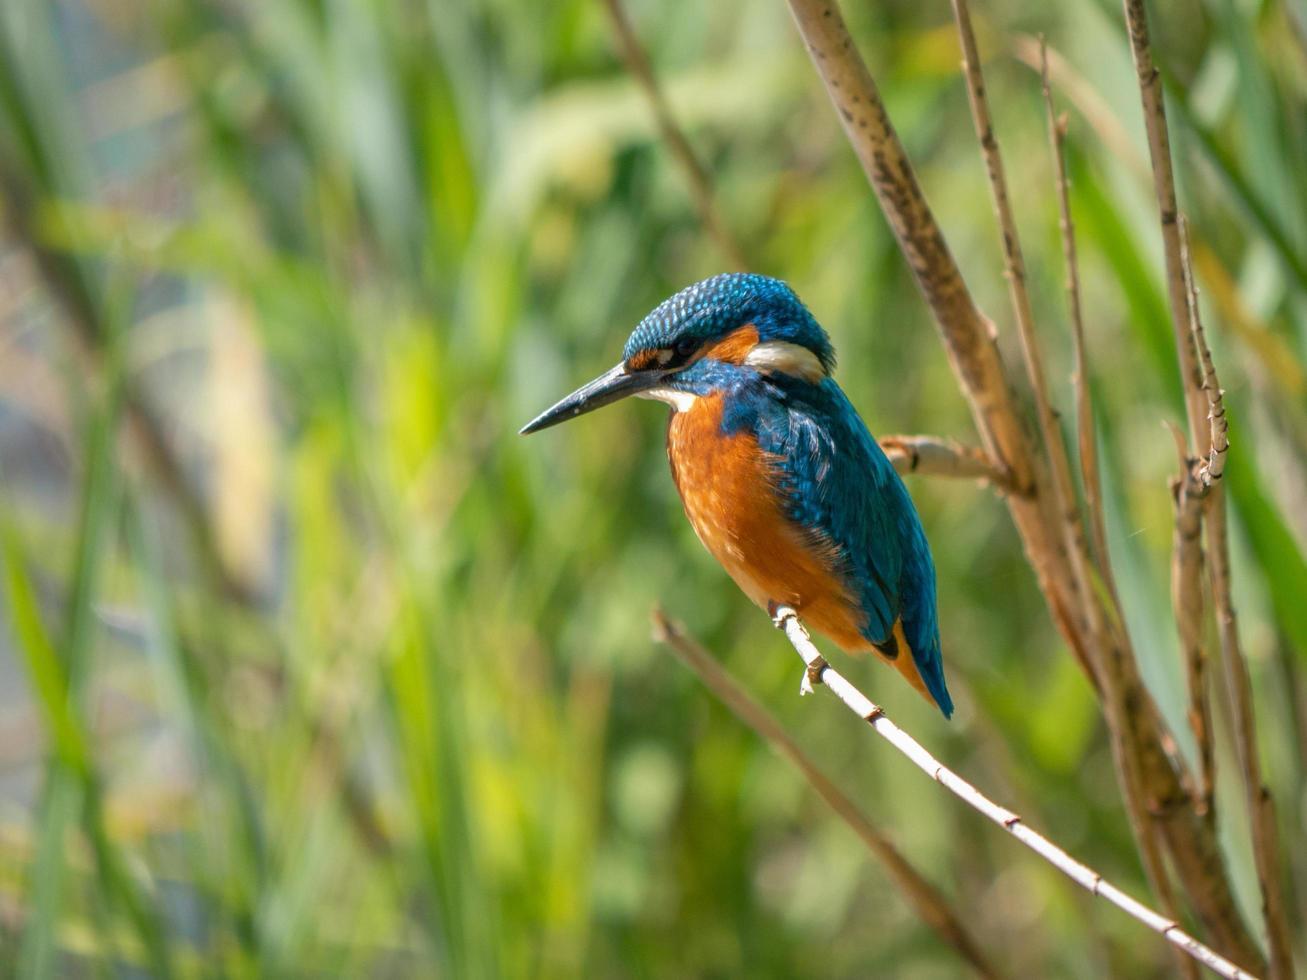 uccello blu e arancione foto